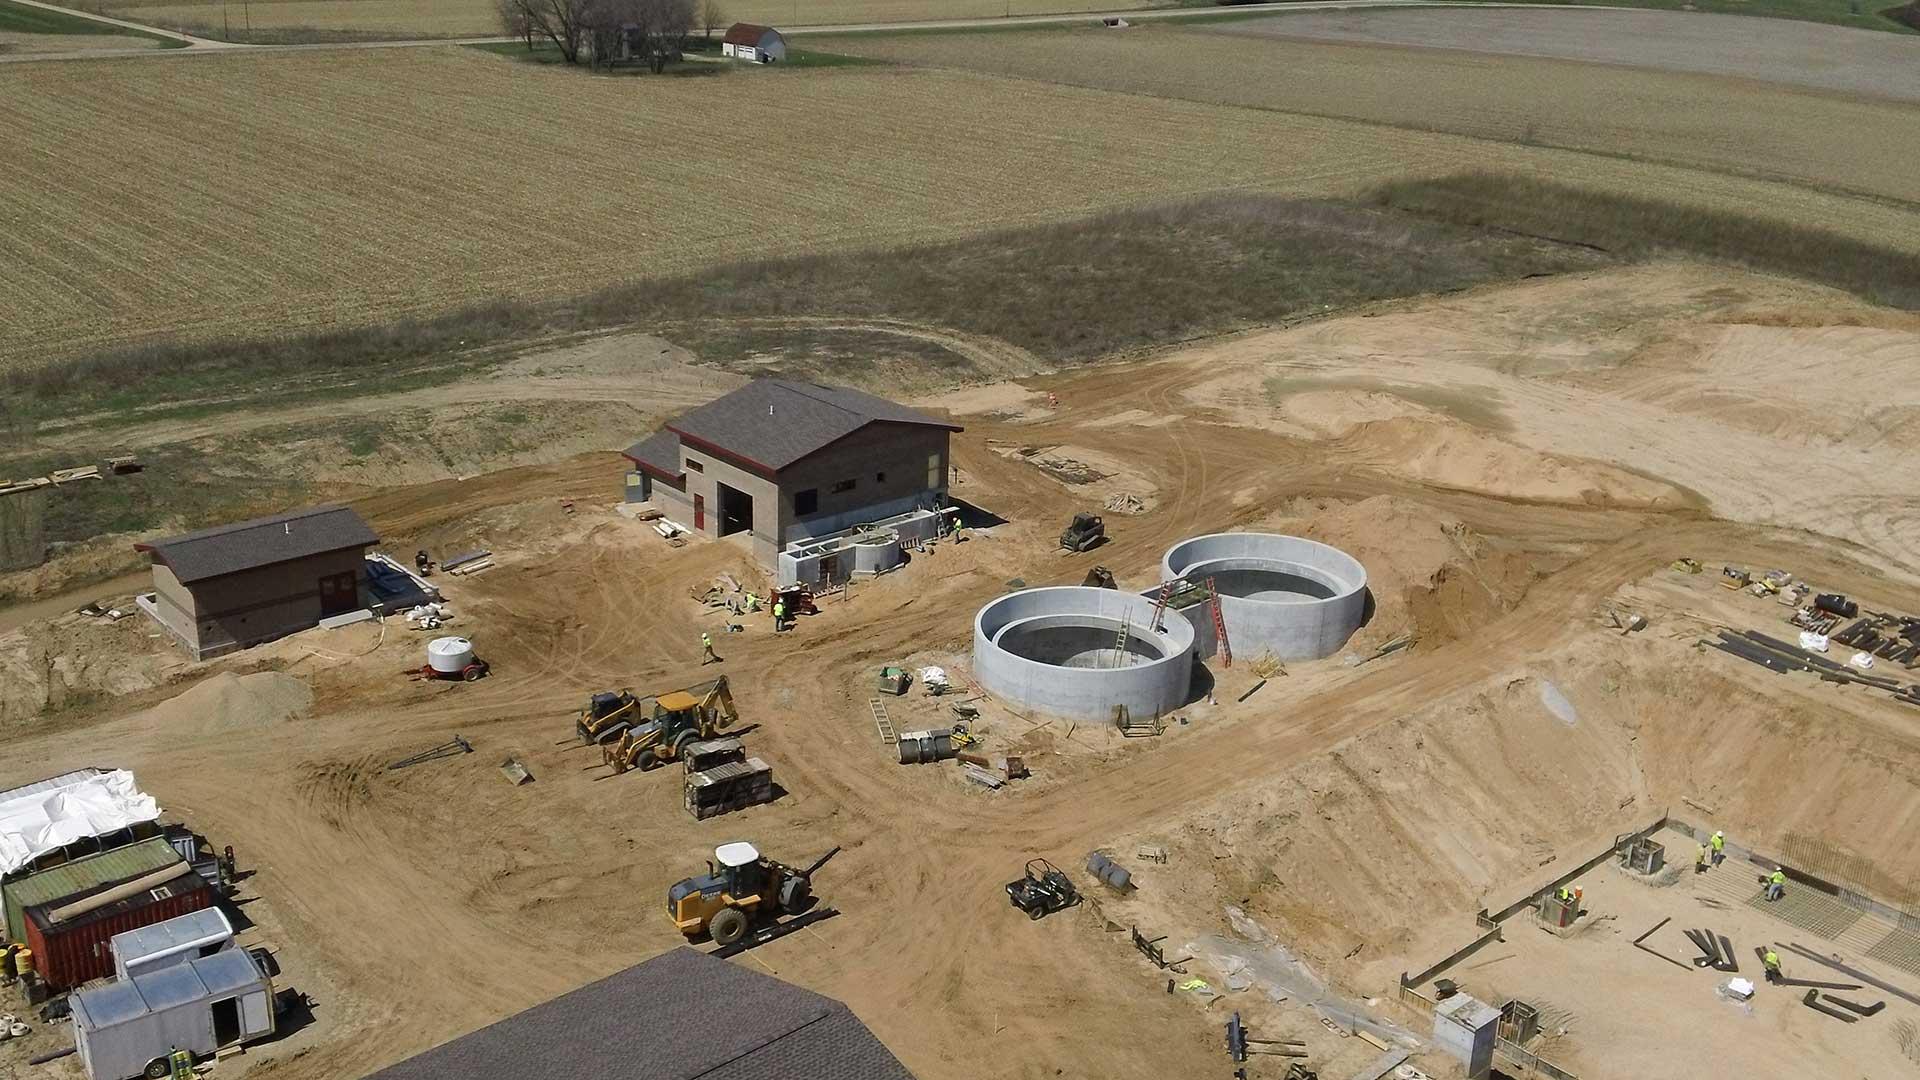 Richland center under construction